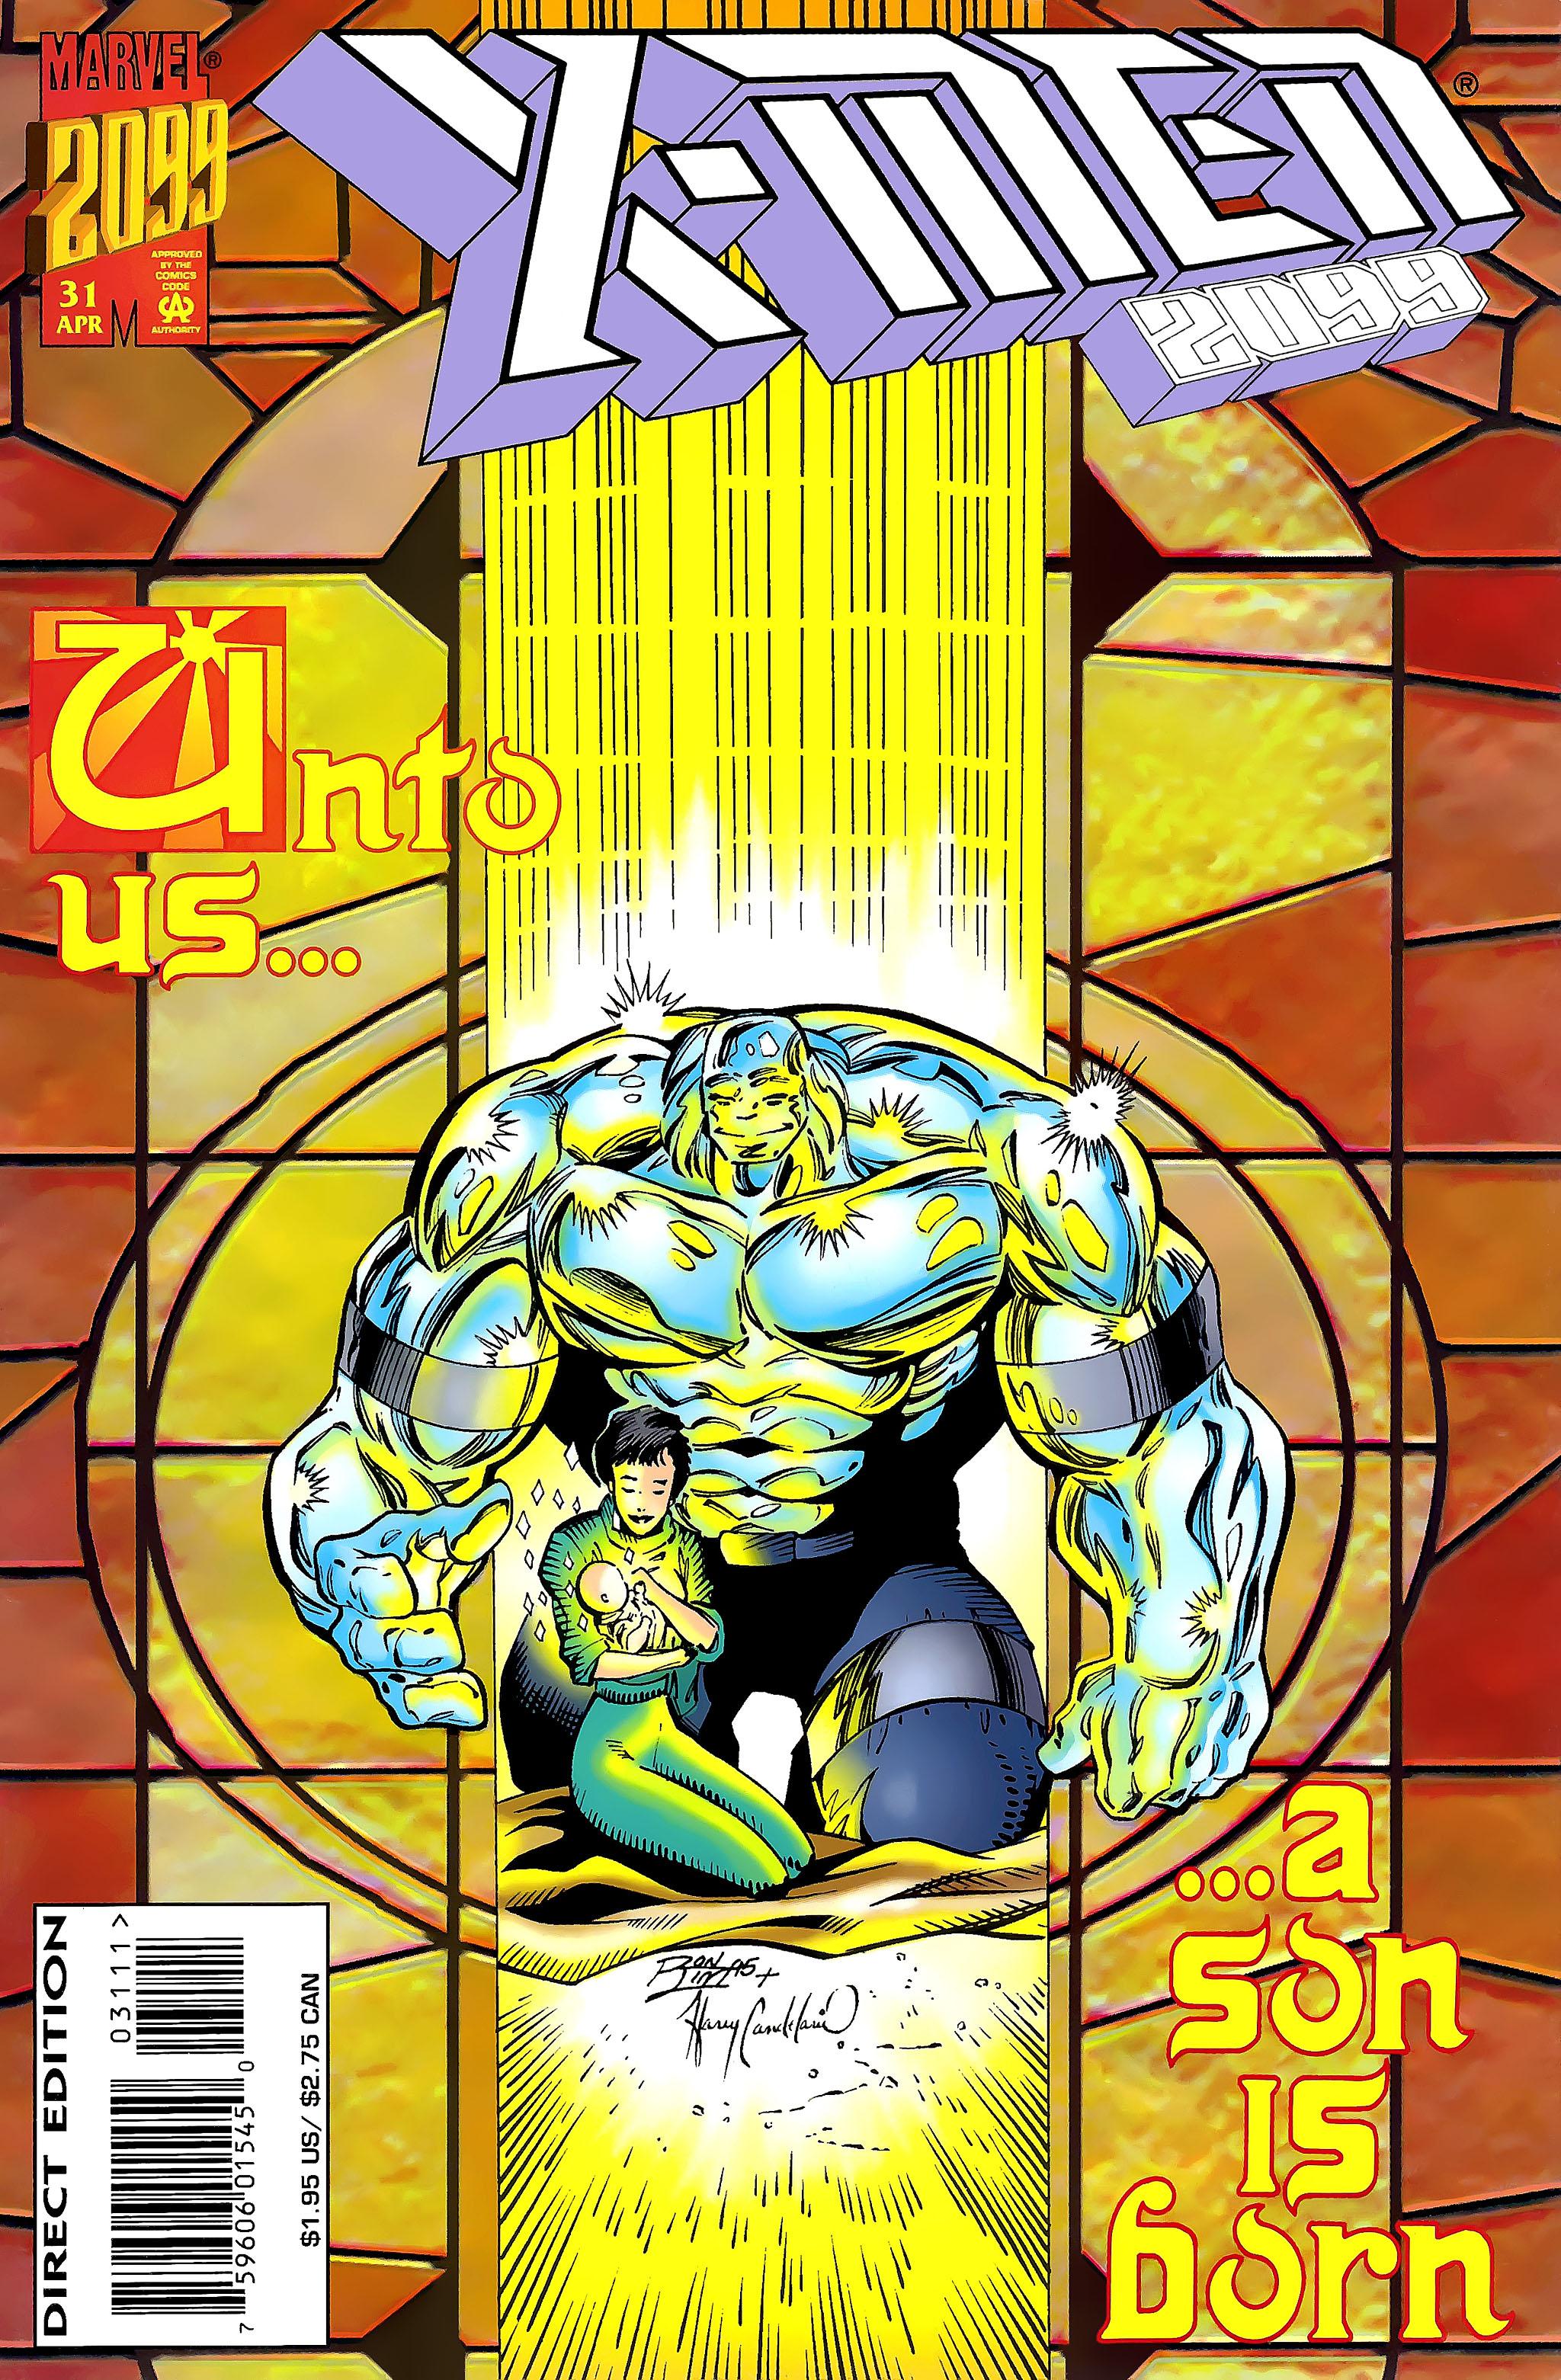 X-Men 2099 Vol 1 31